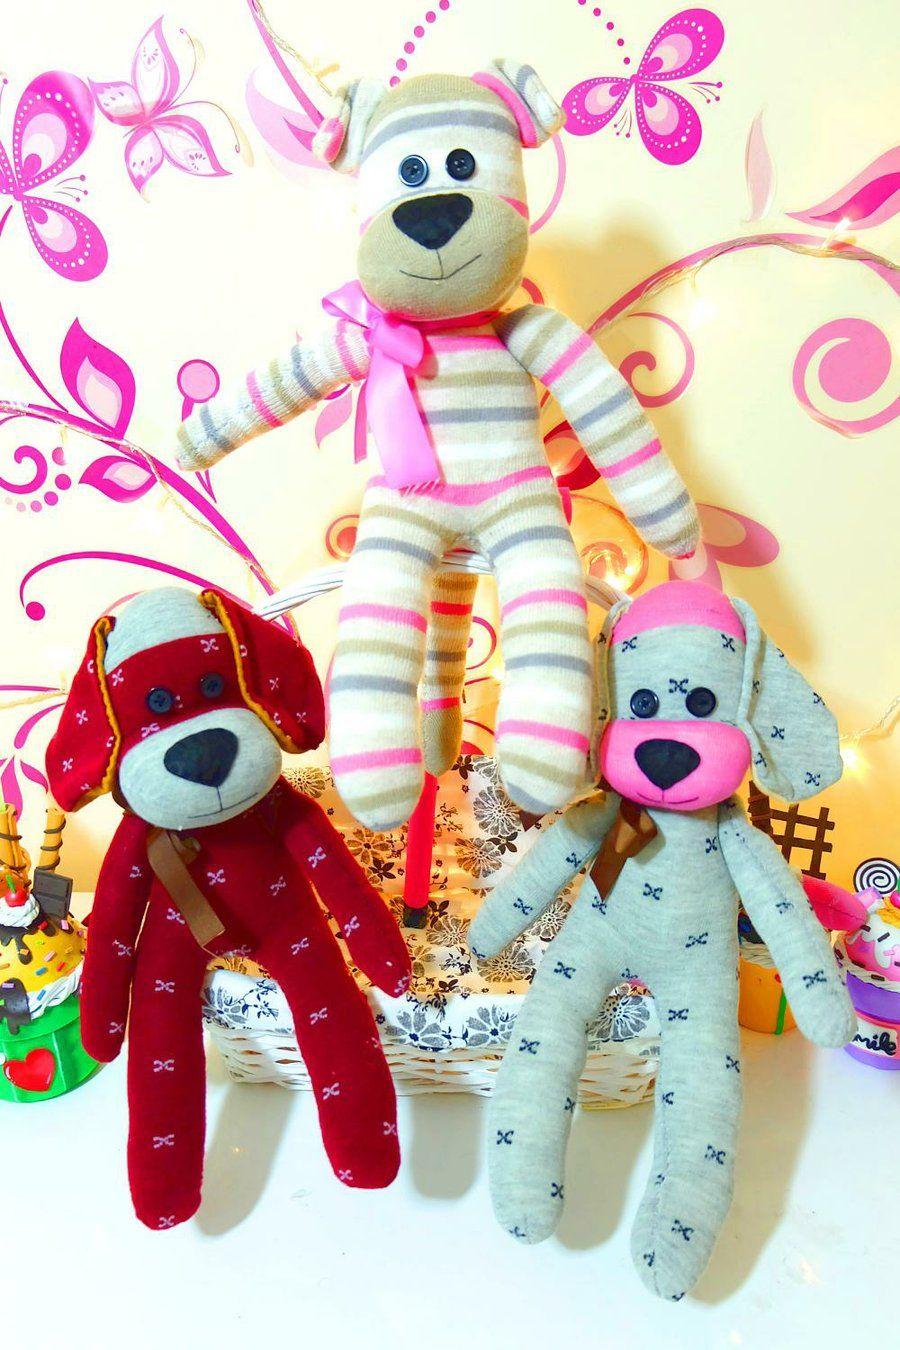 Haz Un Perro De Peluche Con Calcetines Munecos Con Calcetines Perros De Peluche Manualidades